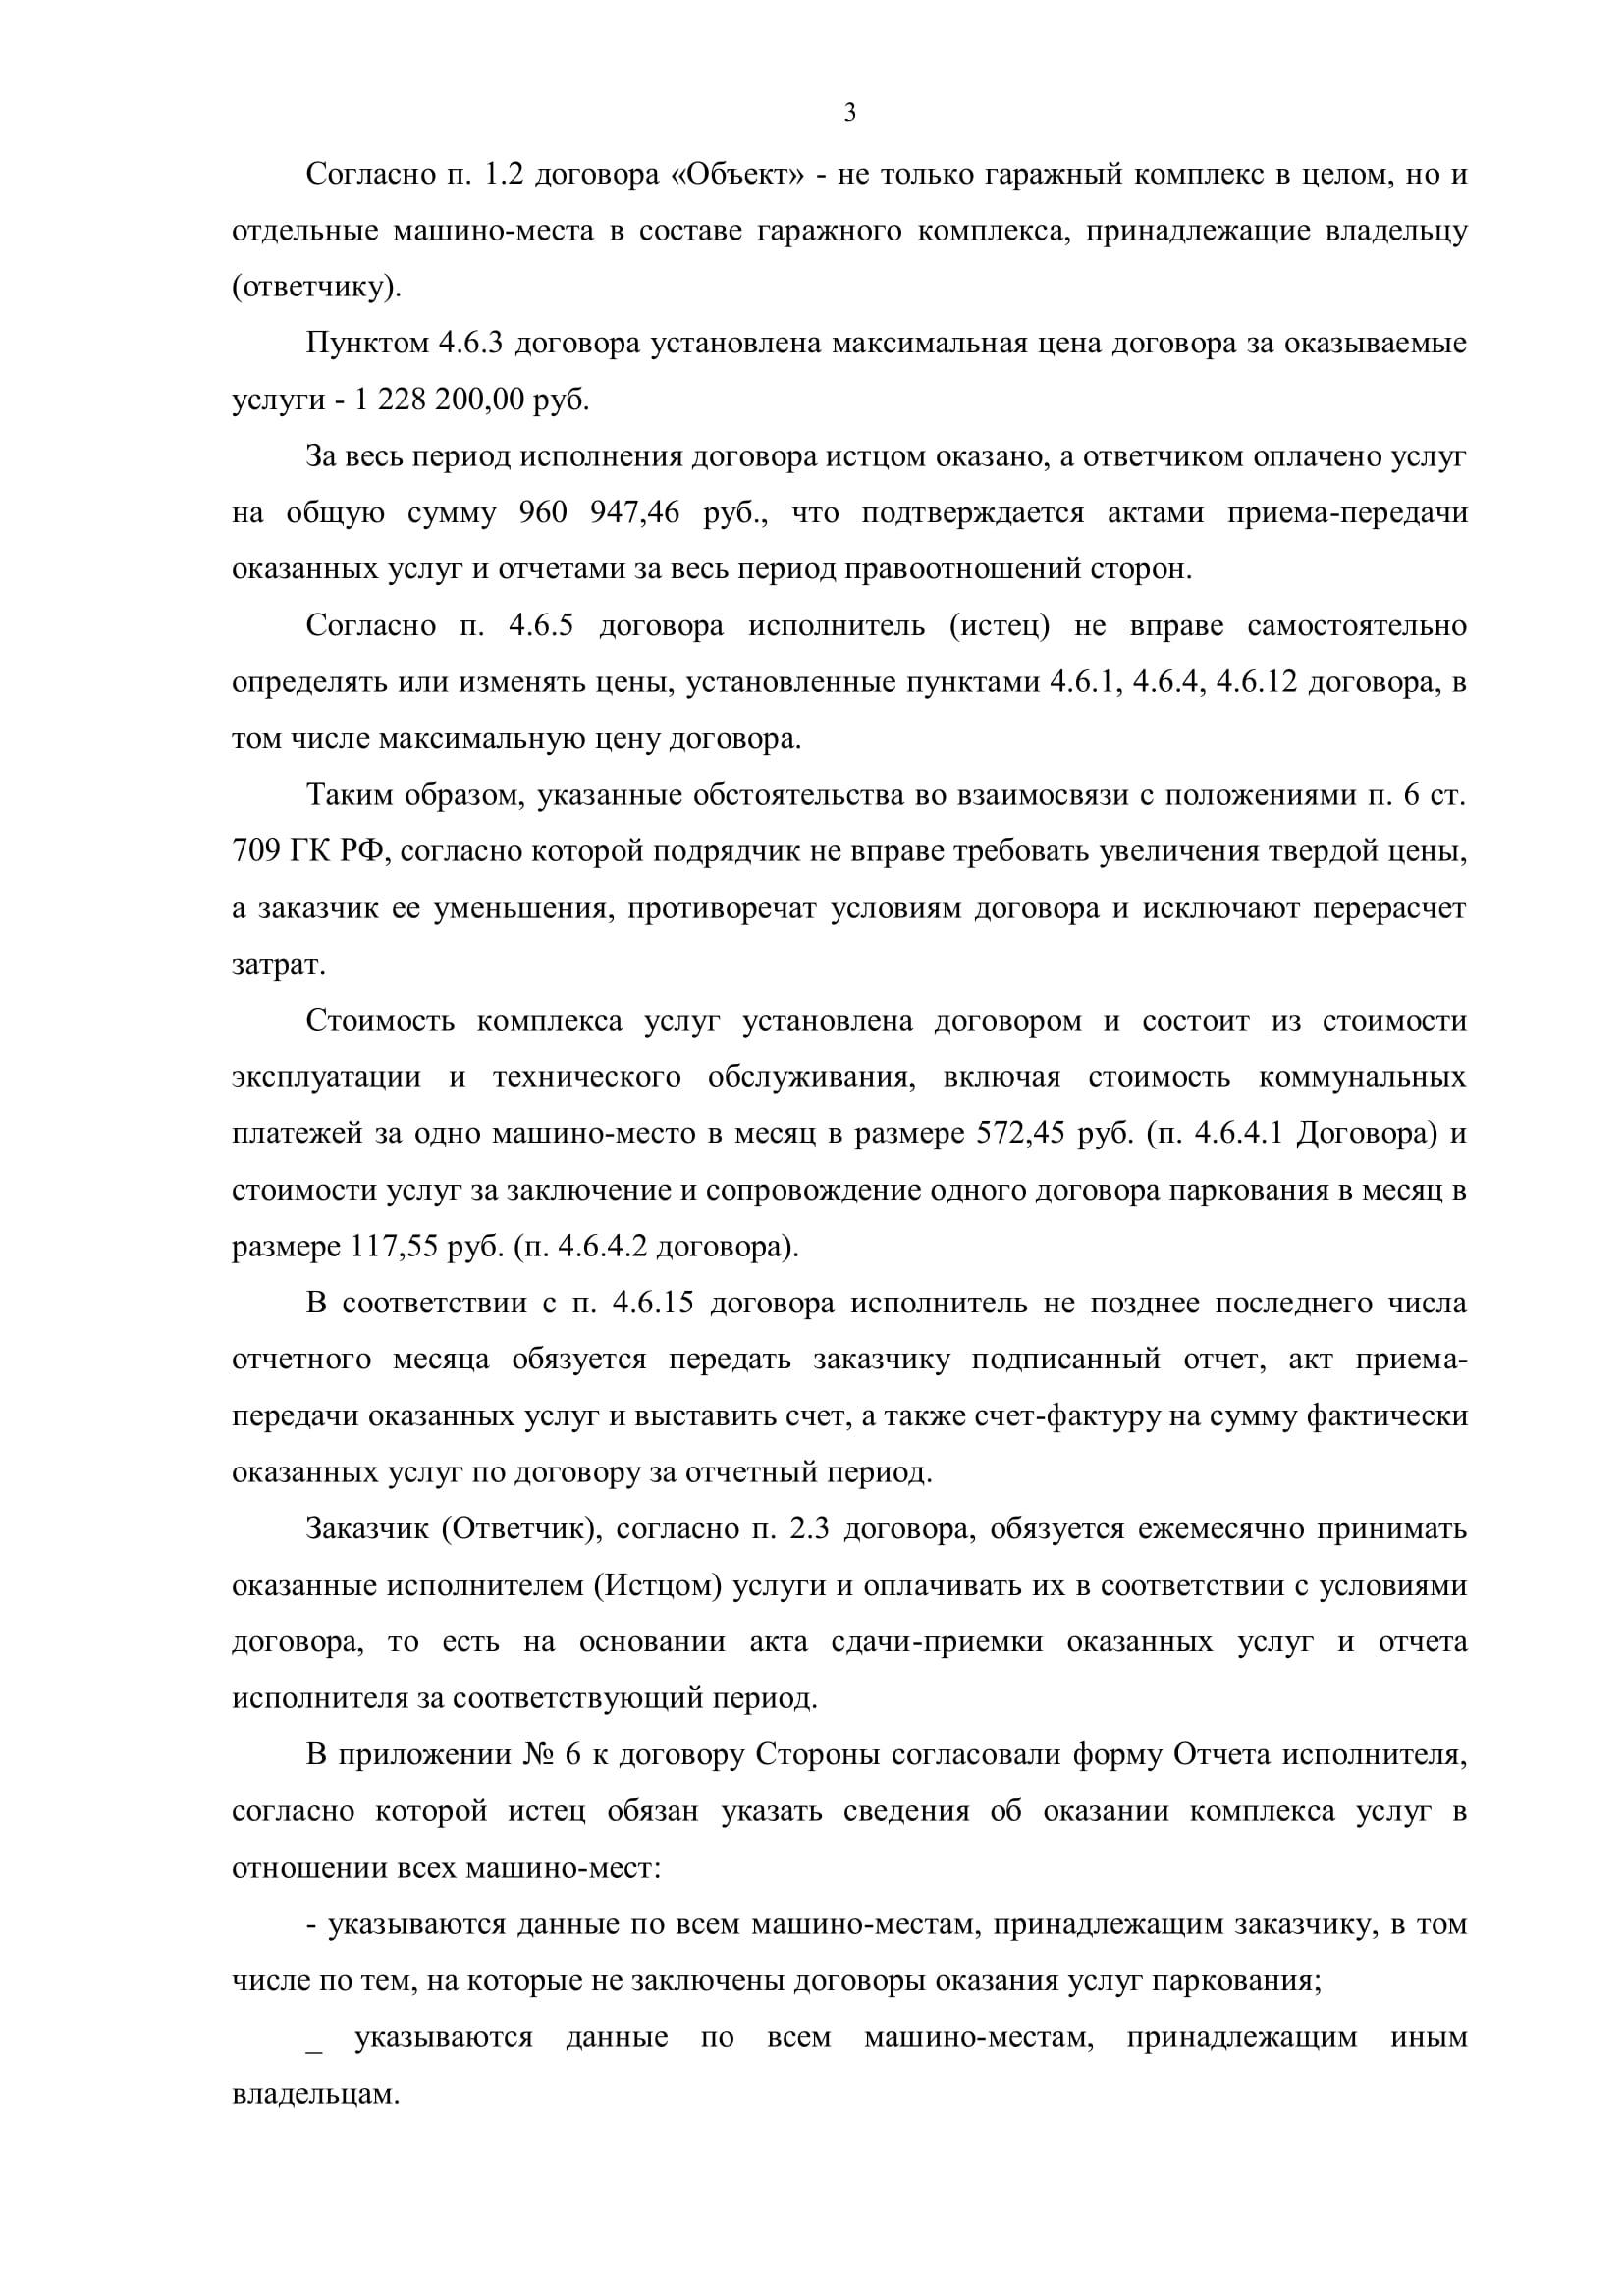 бесплатные юридические консультации онлайн бесплатно ставрополь